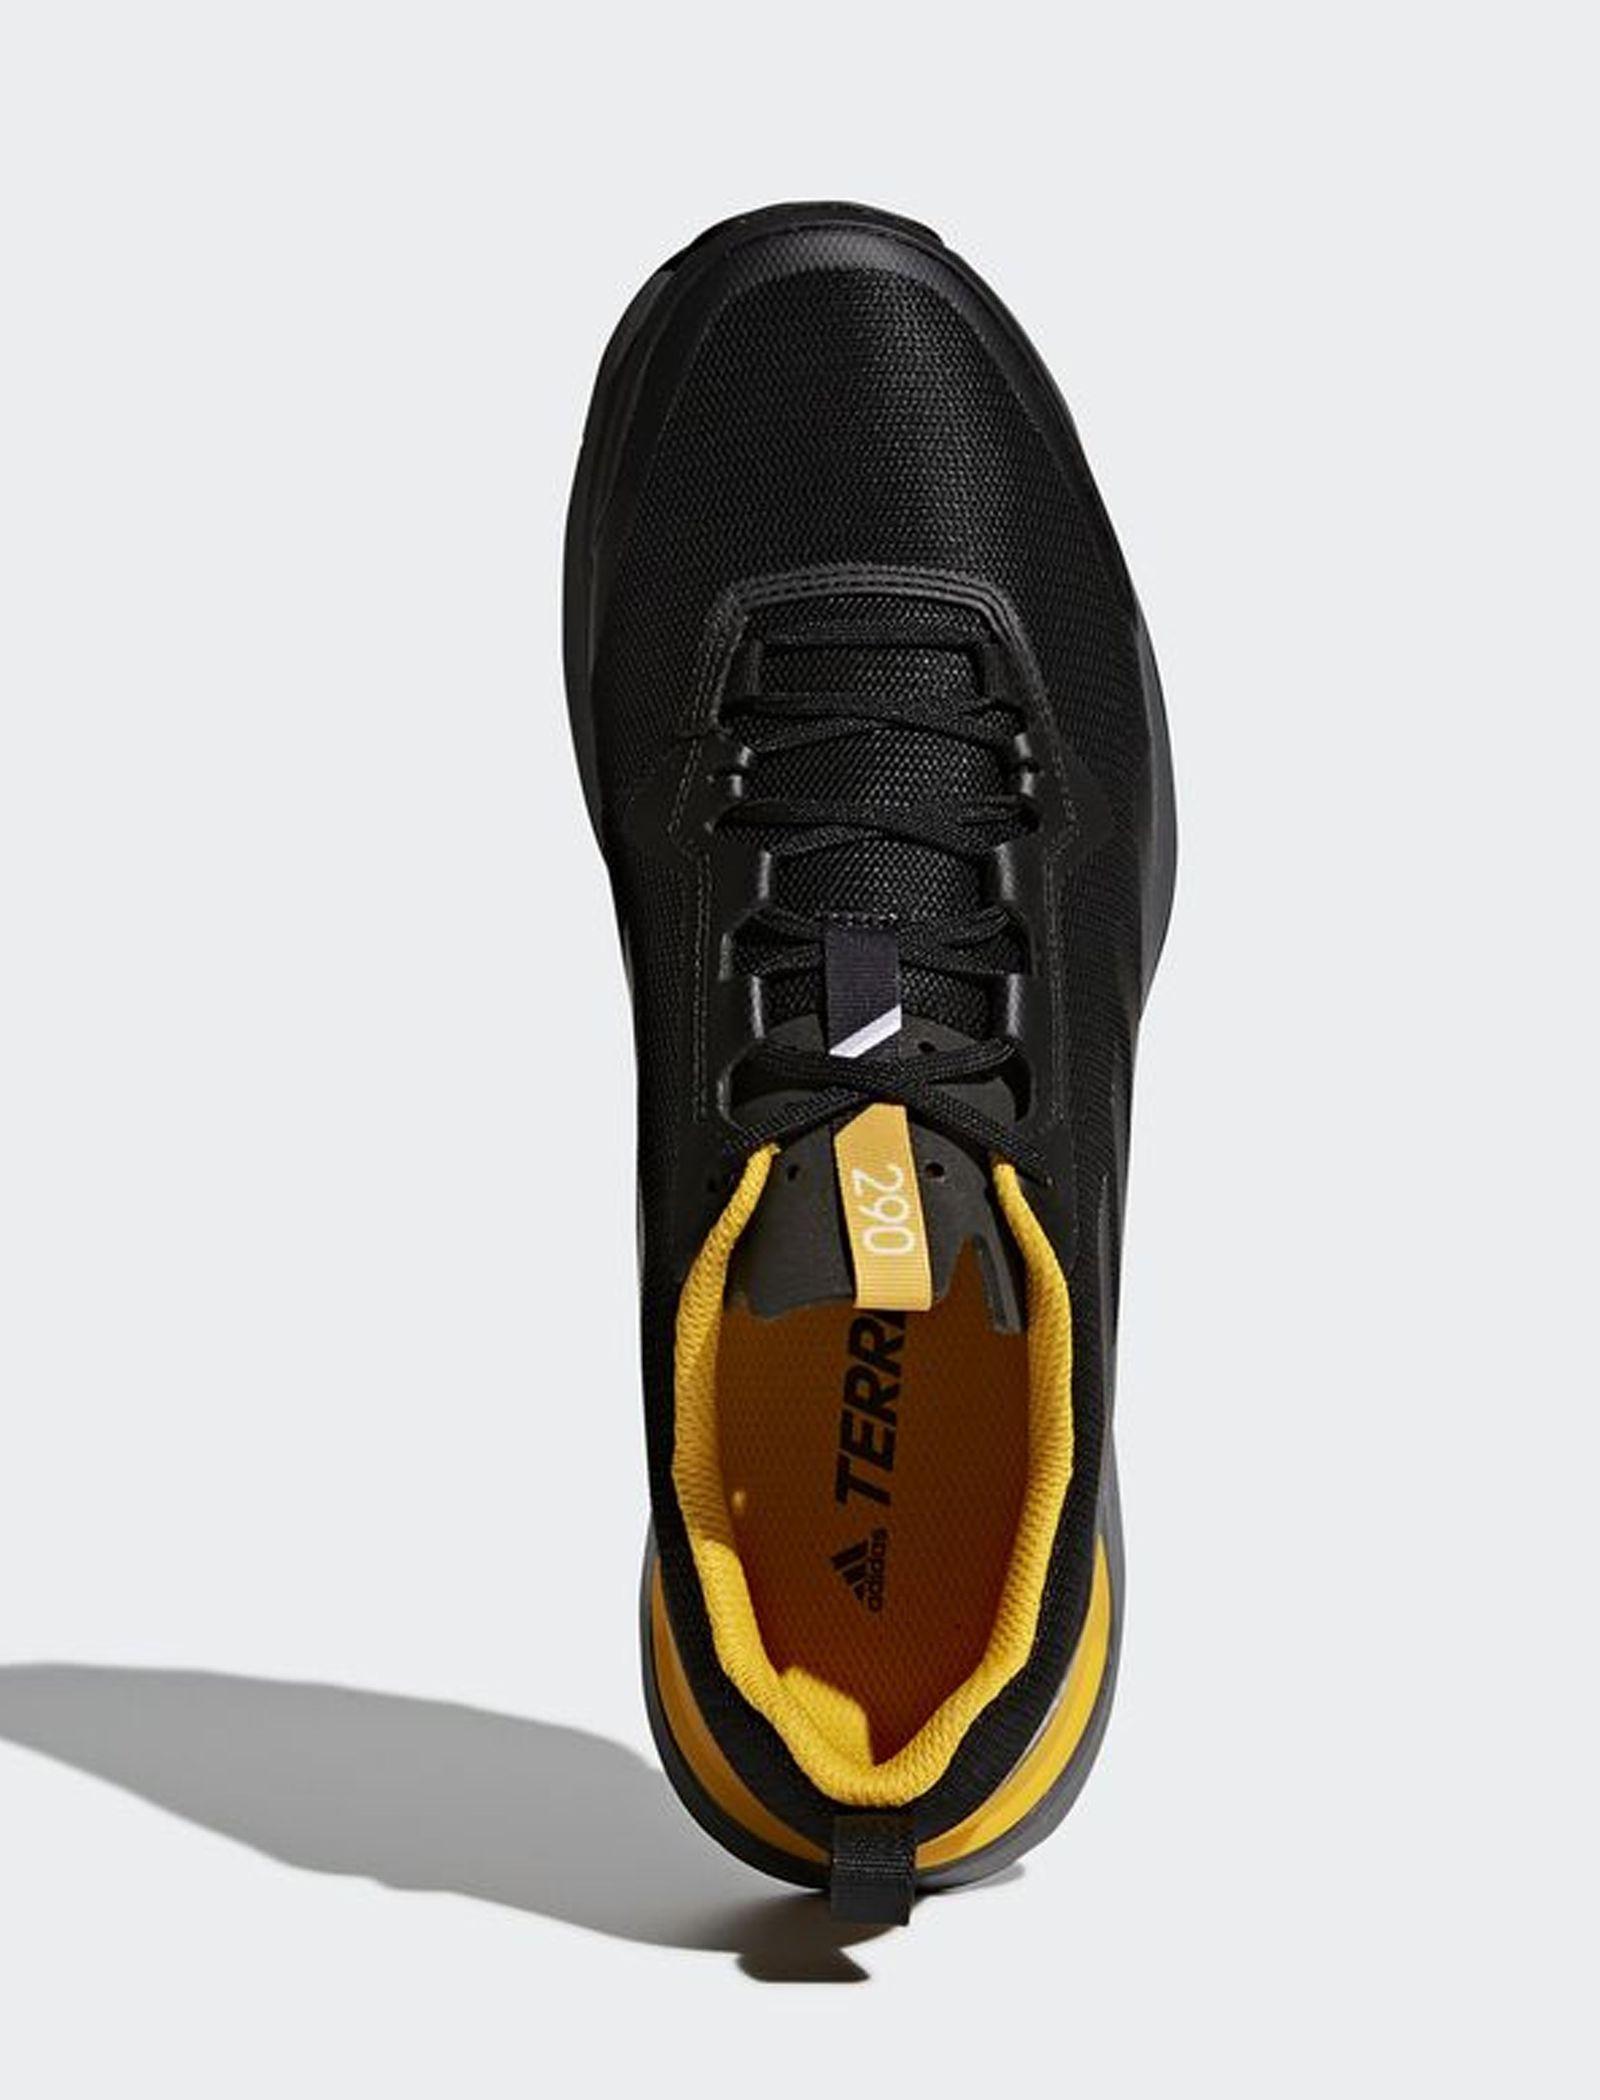 کفش طبیعت گردی بندی مردانه Terrex CMTK - آدیداس - مشکي و نارنجي - 2